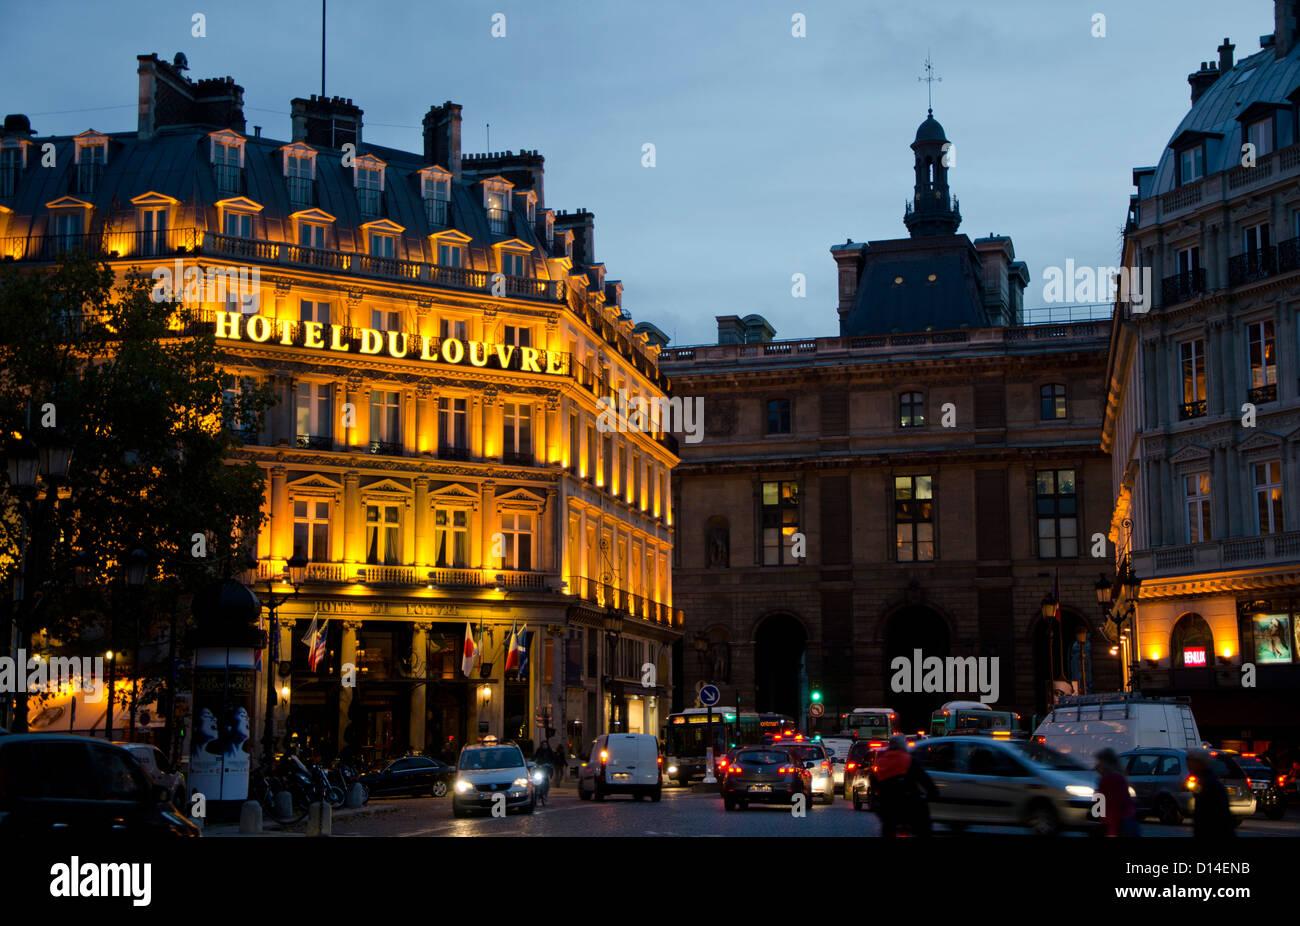 Grand Hotel du louvre at Place du Palais-Royal at night, Paris. Ile-de-France, Paris, France. - Stock Image